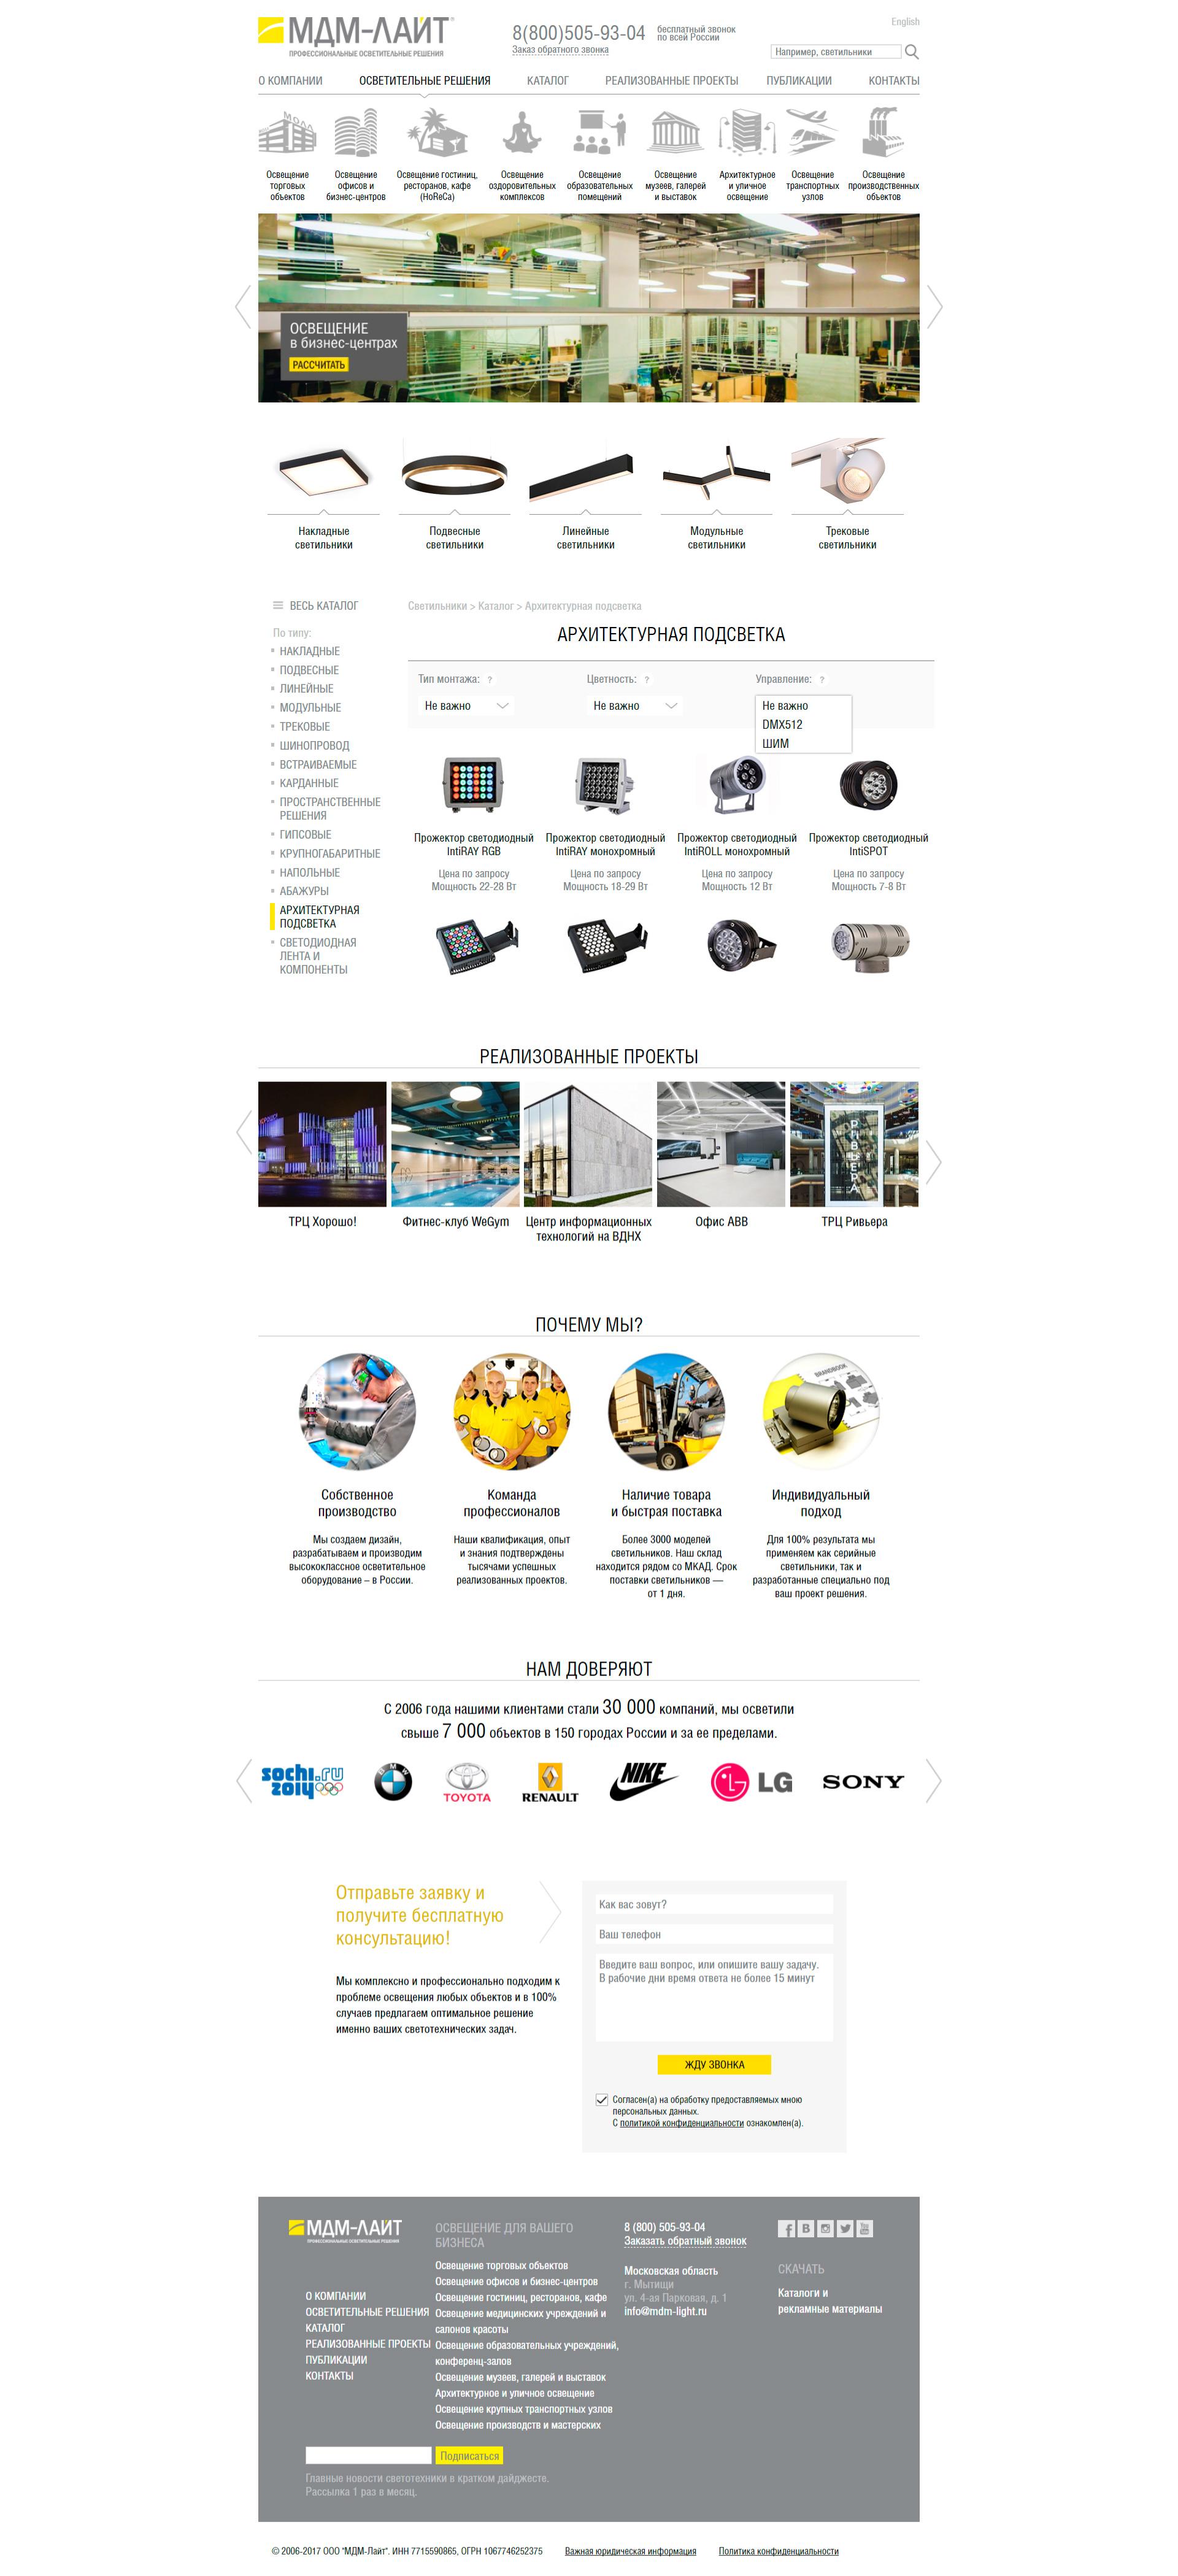 9196cd6842908 Магазин «МДМ-ЛАЙТ» кто создал - Extyl-PRO. Создание сайтов и ...